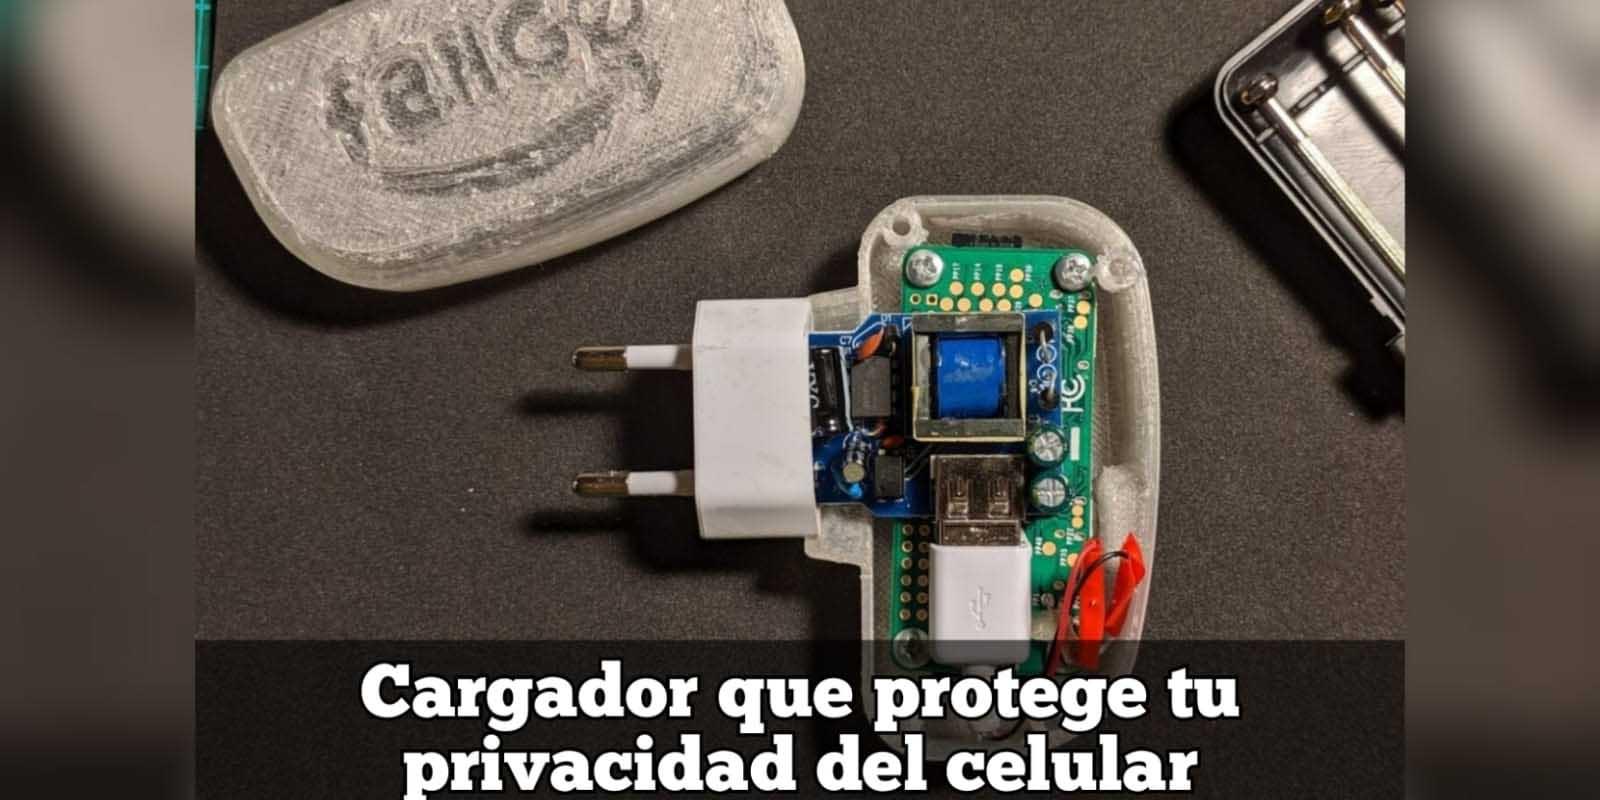 Crean cargador que evita que invadan la privacidad de tu celular   El Imparcial de Oaxaca